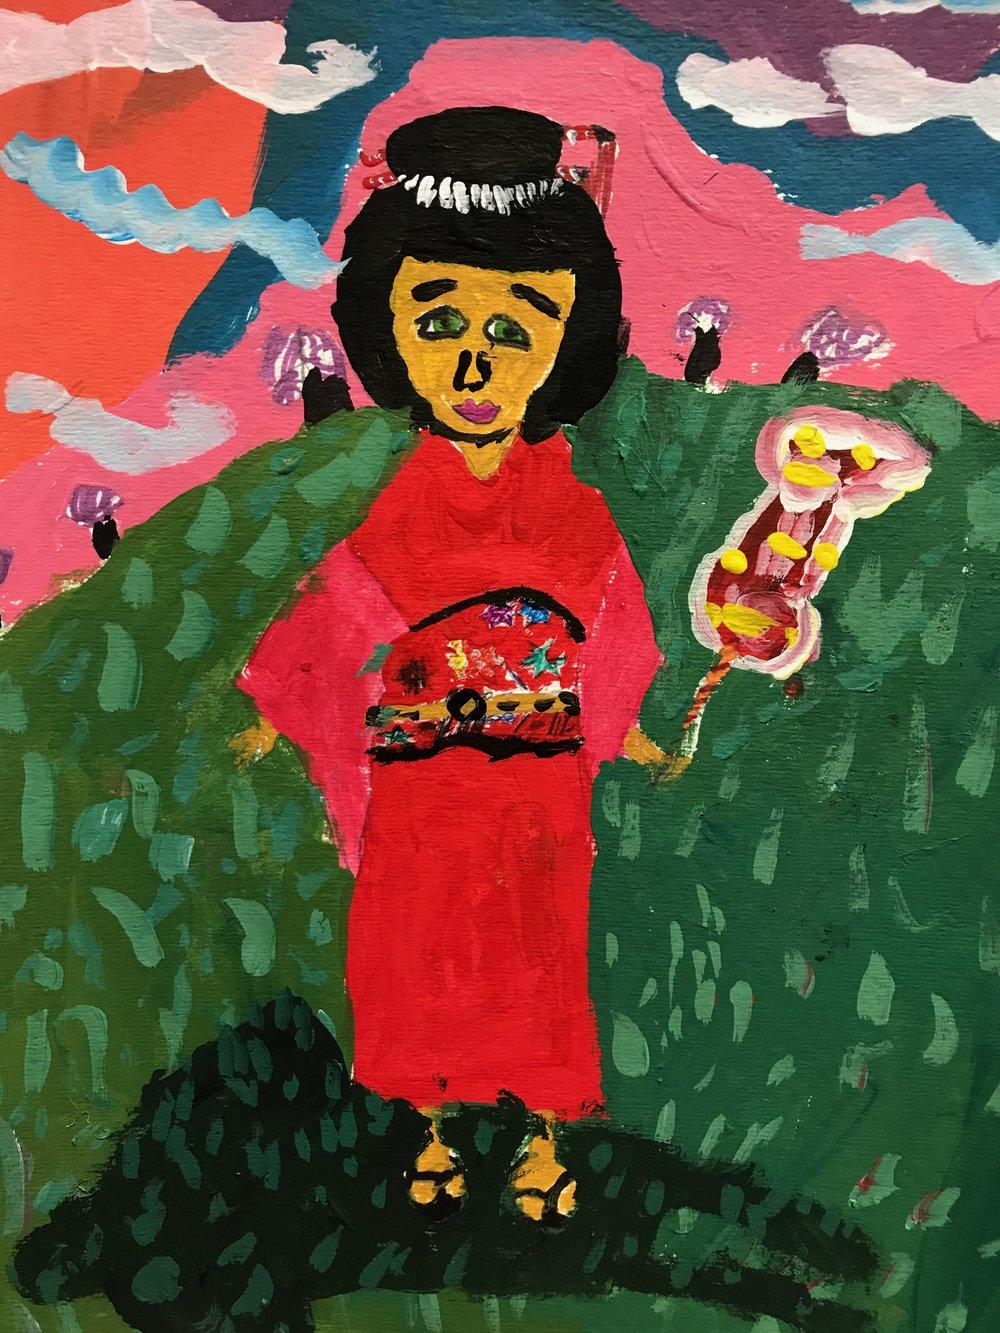 Natalia, age 7